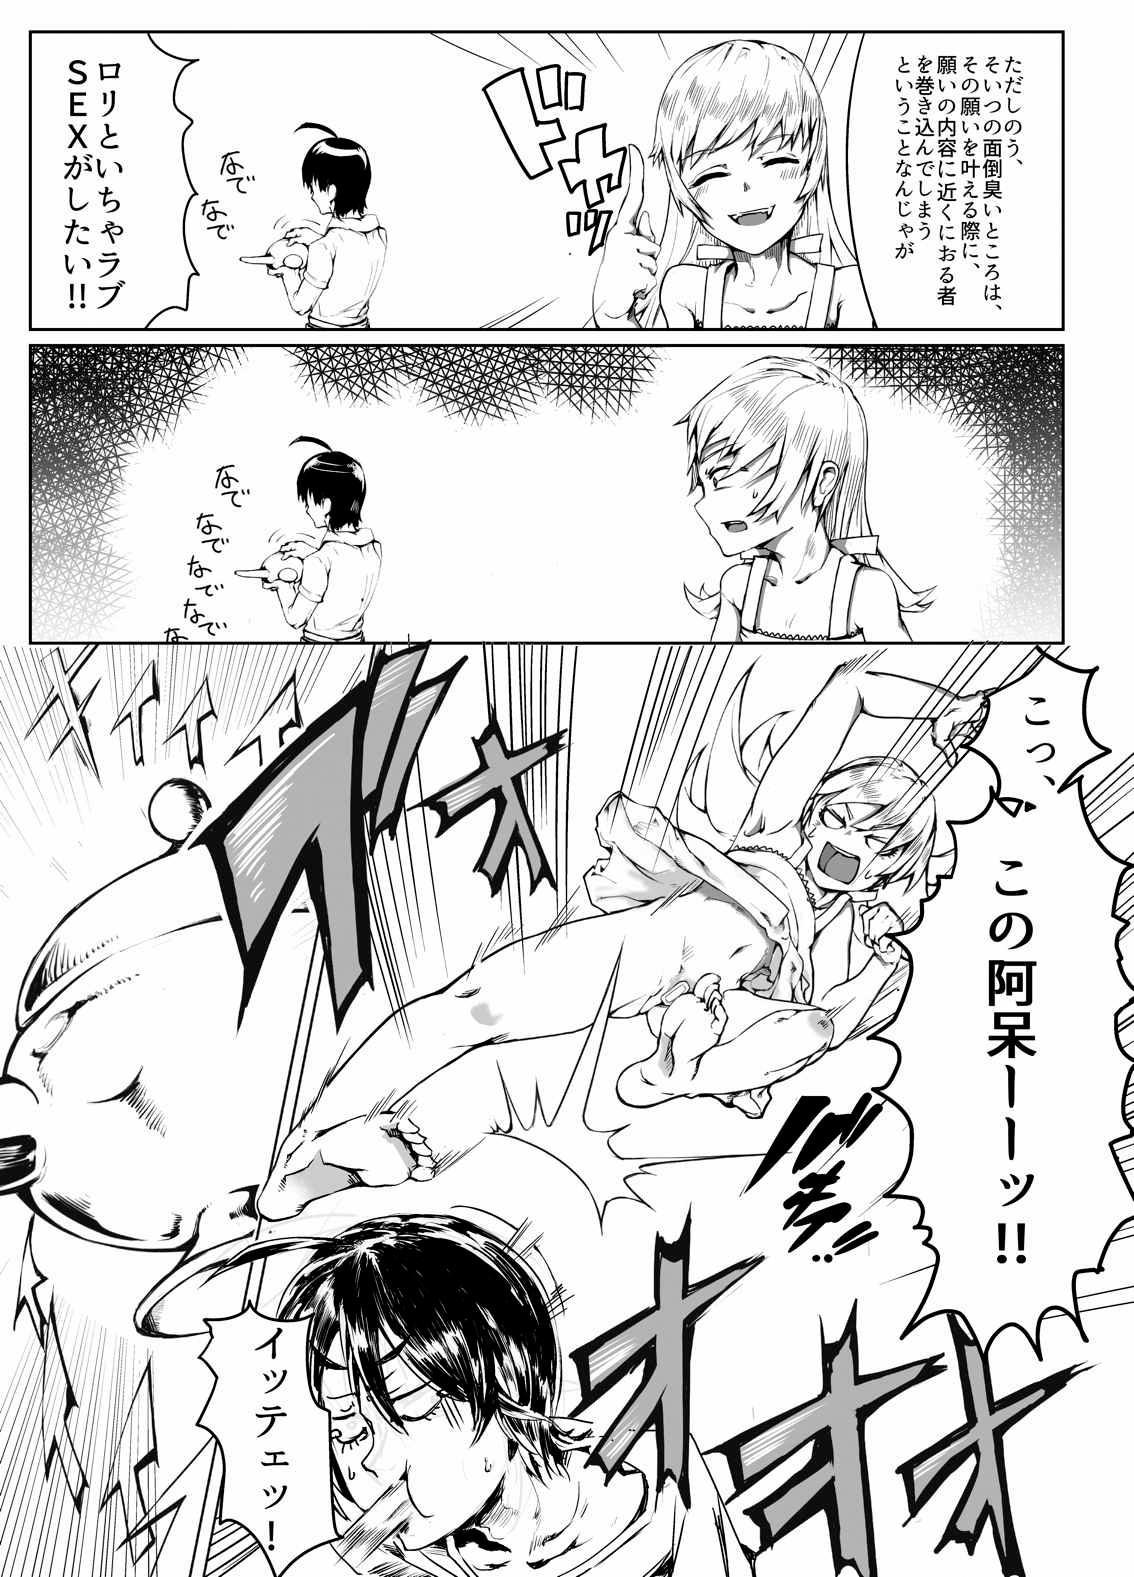 Koyomi Lamp 4